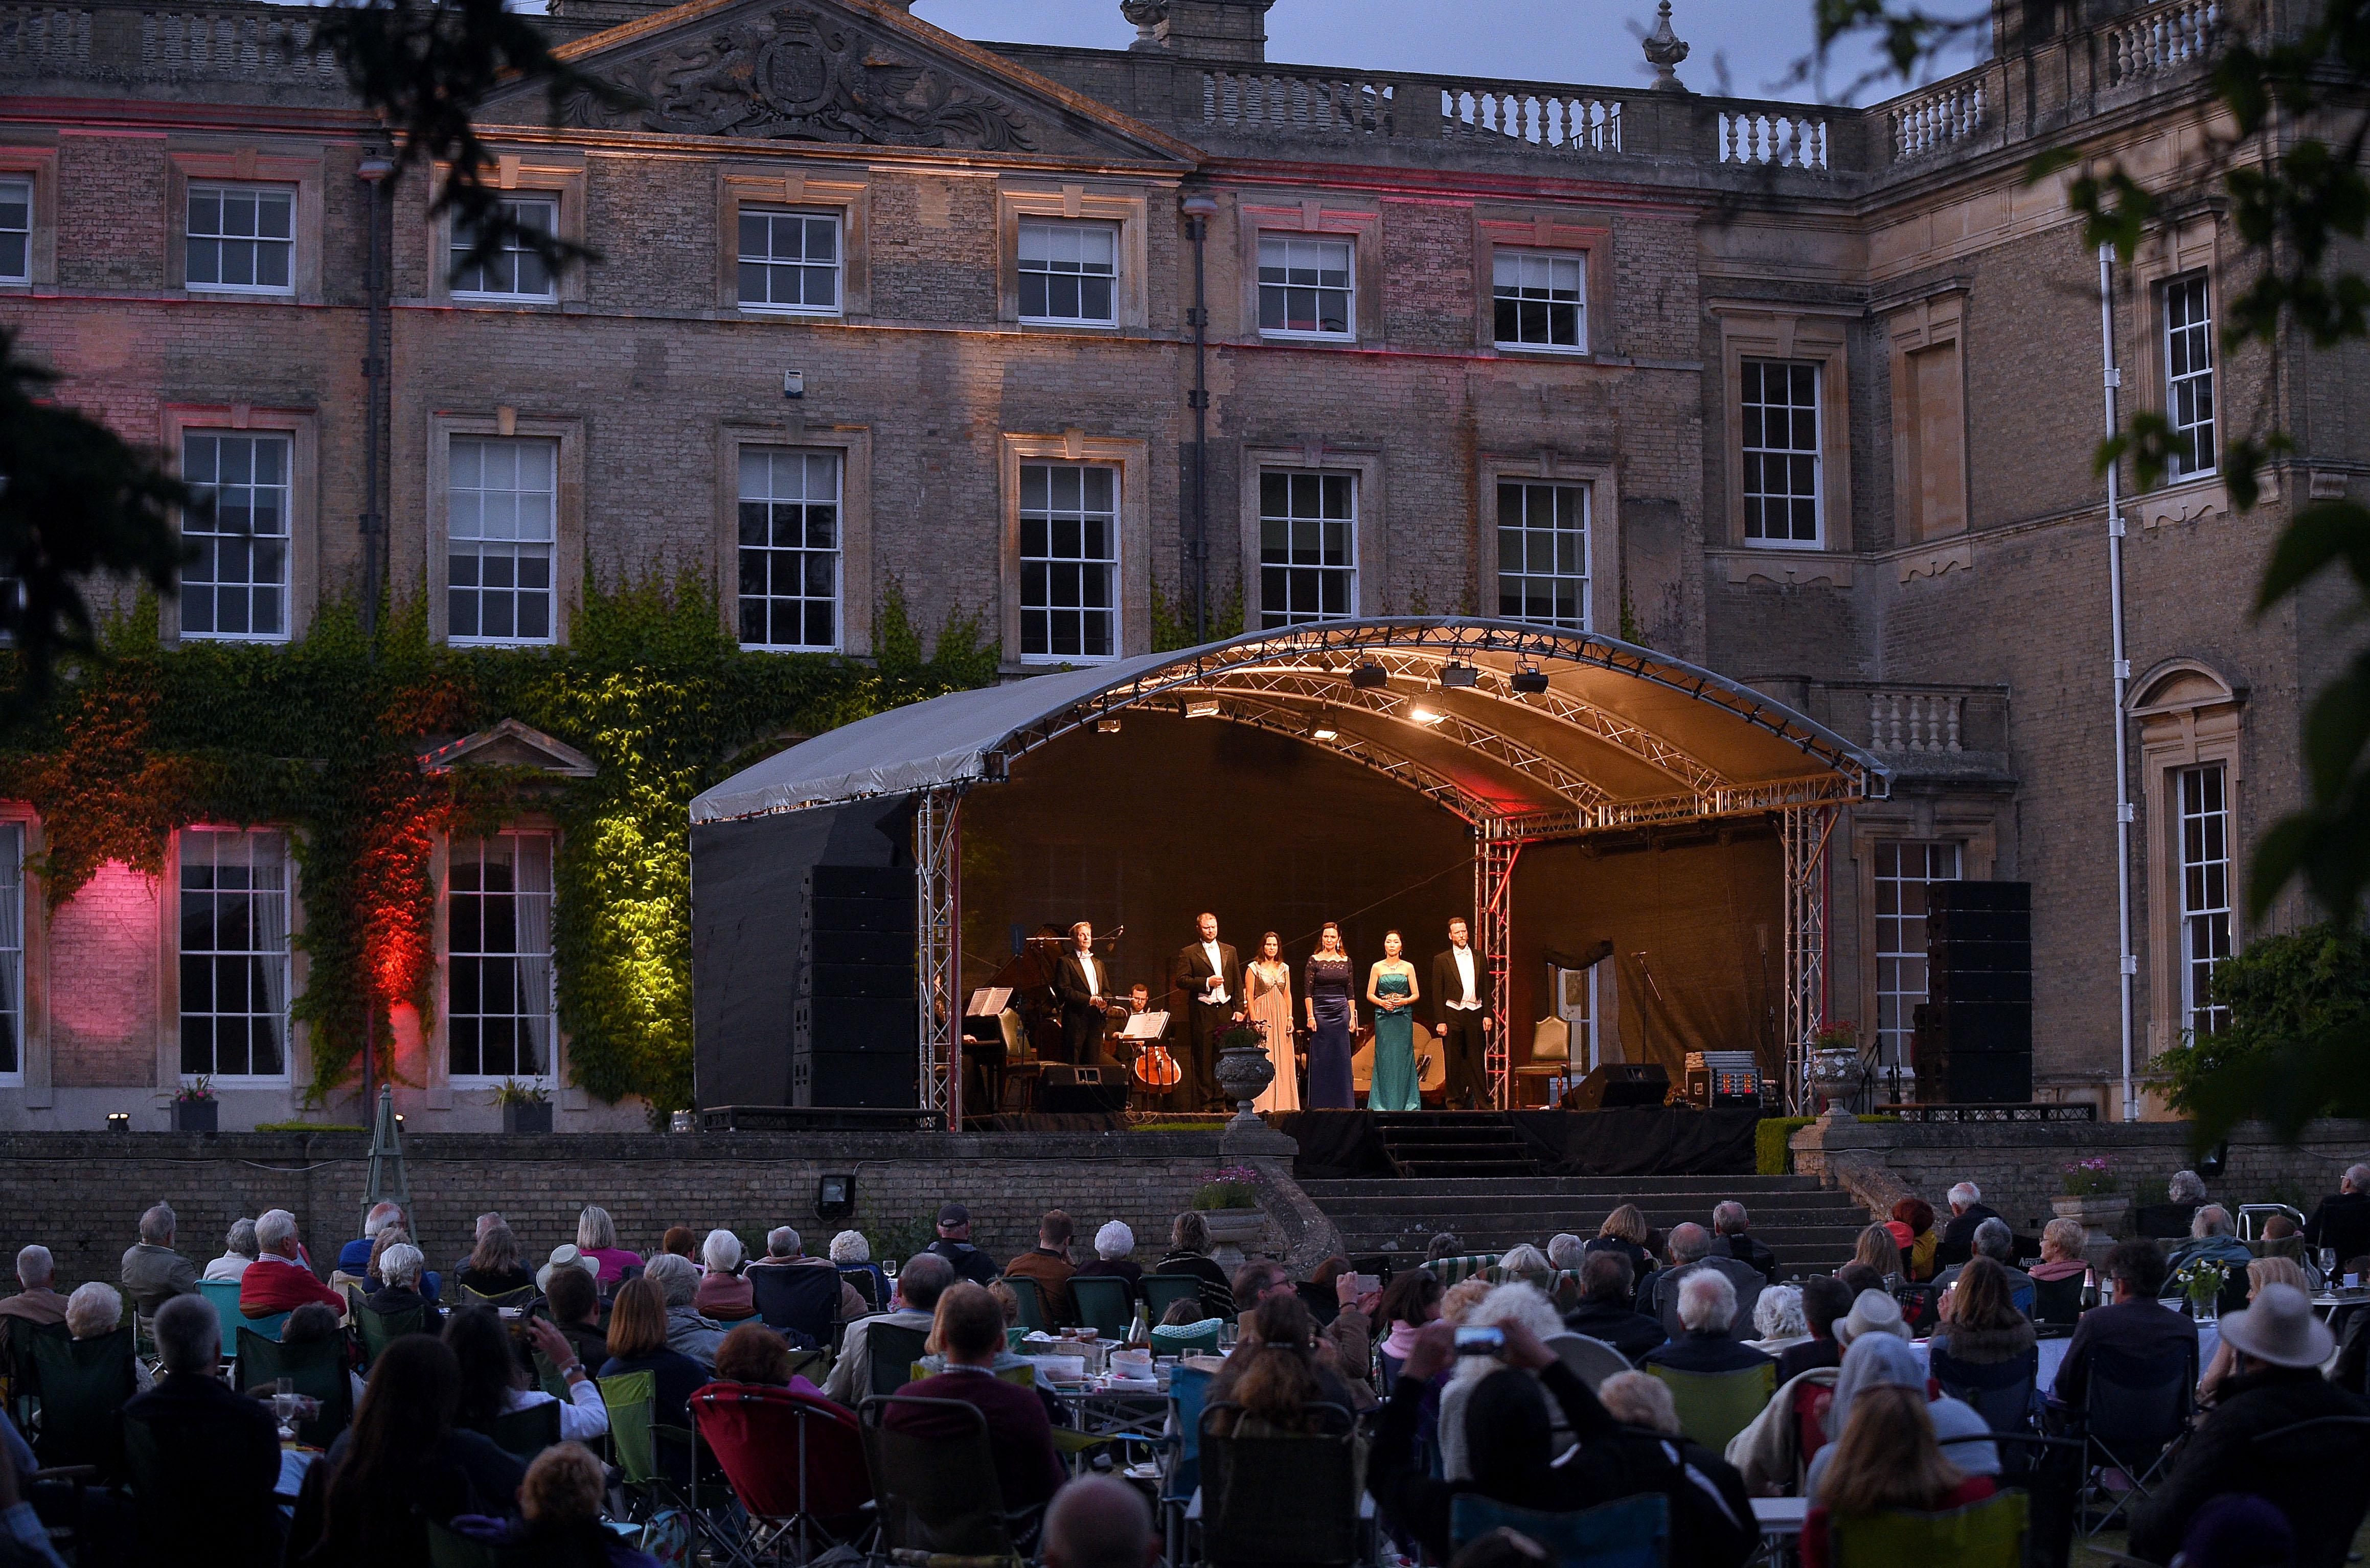 London Festival Opera in the Park Culford School